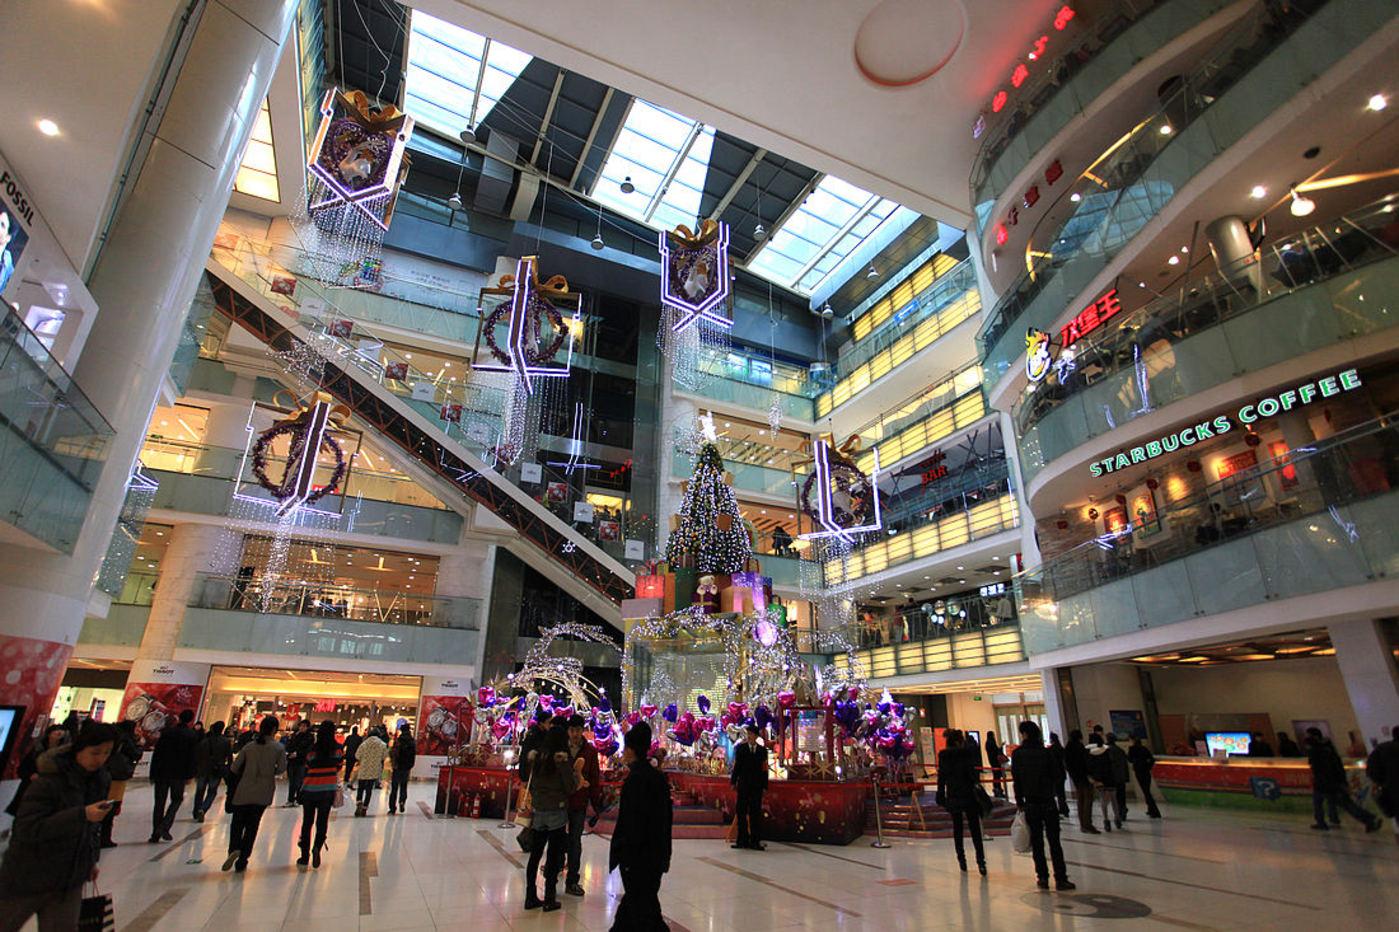 发放190多亿消费券,购物中心开始回暖